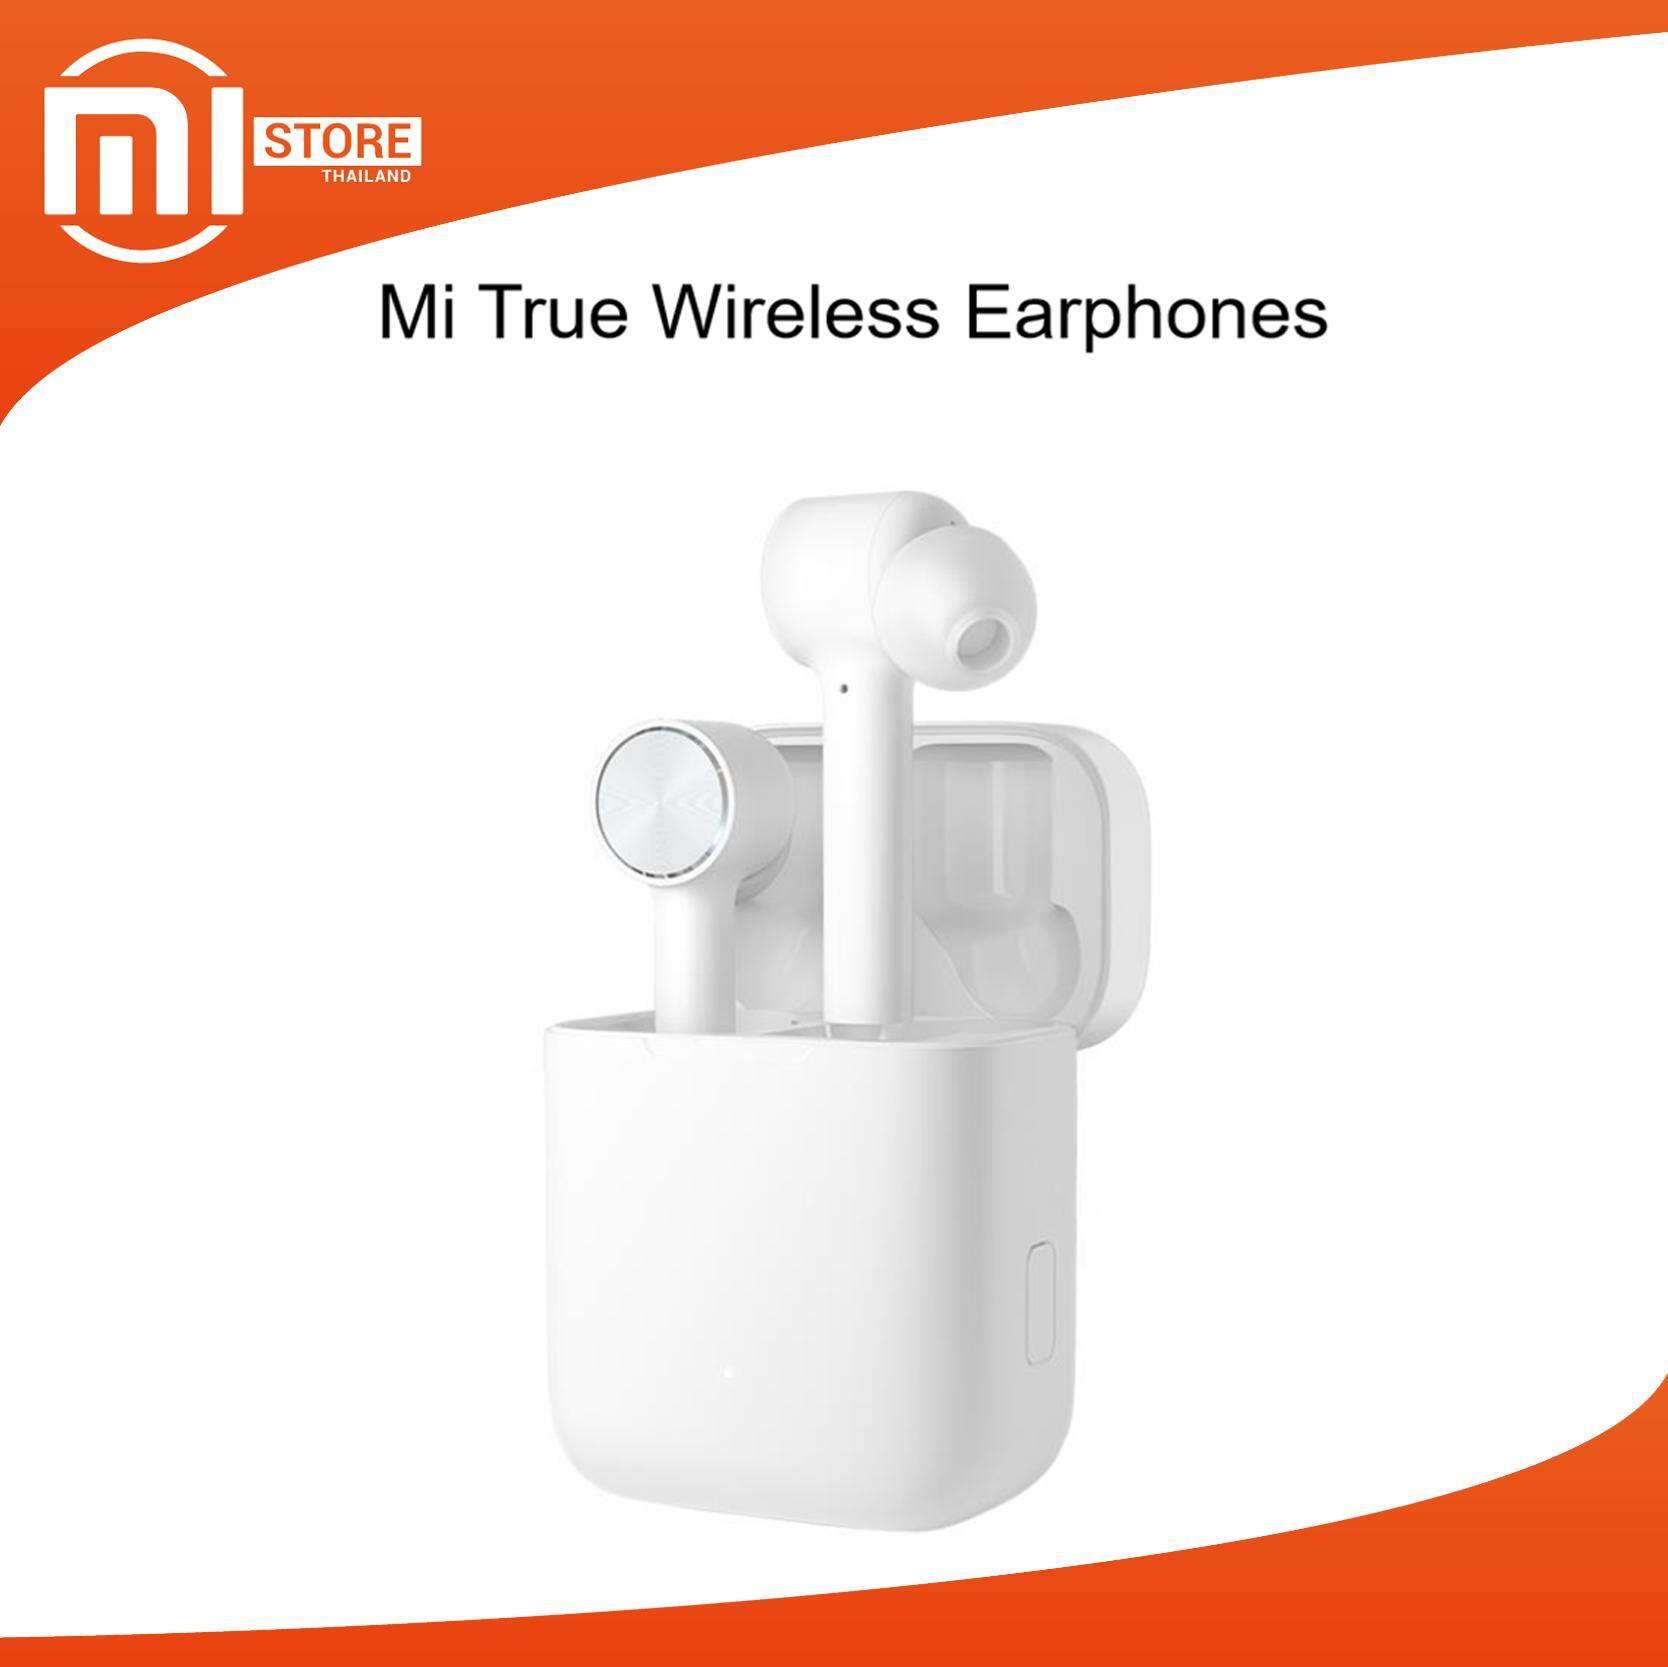 การใช้งาน  สุรินทร์ Mi Store-Xiaomi Mi True Wireless Earphones หูฟังอัจฉริยะบลูทูธสเตอริโอแฮนด์ฟรีควบคุมด้วยบลูทูธ